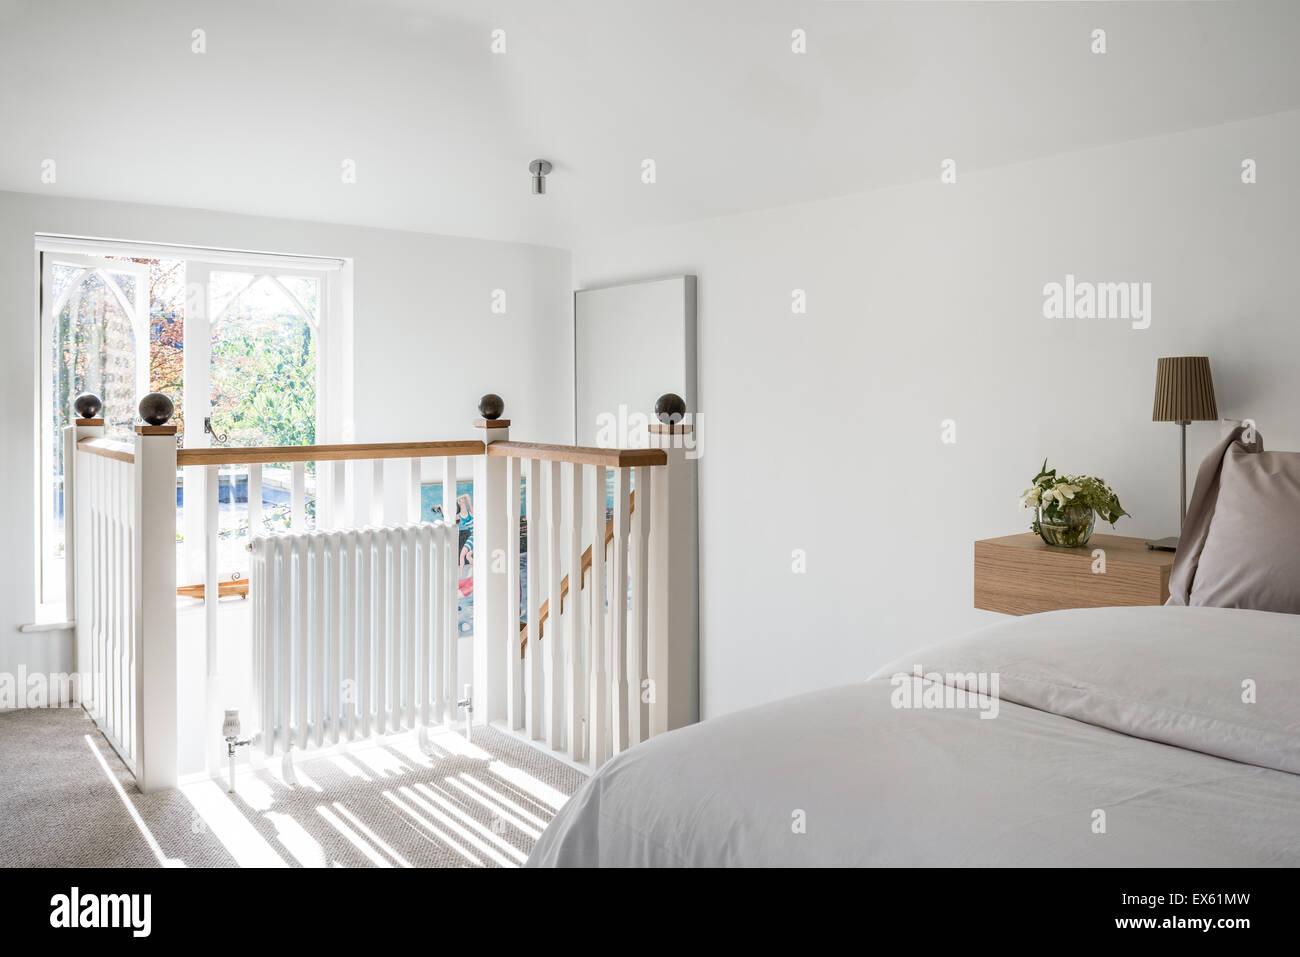 Loft Stil Weiße Schlafzimmer Mit Einfachen Lampen Von Ikea Stockfoto